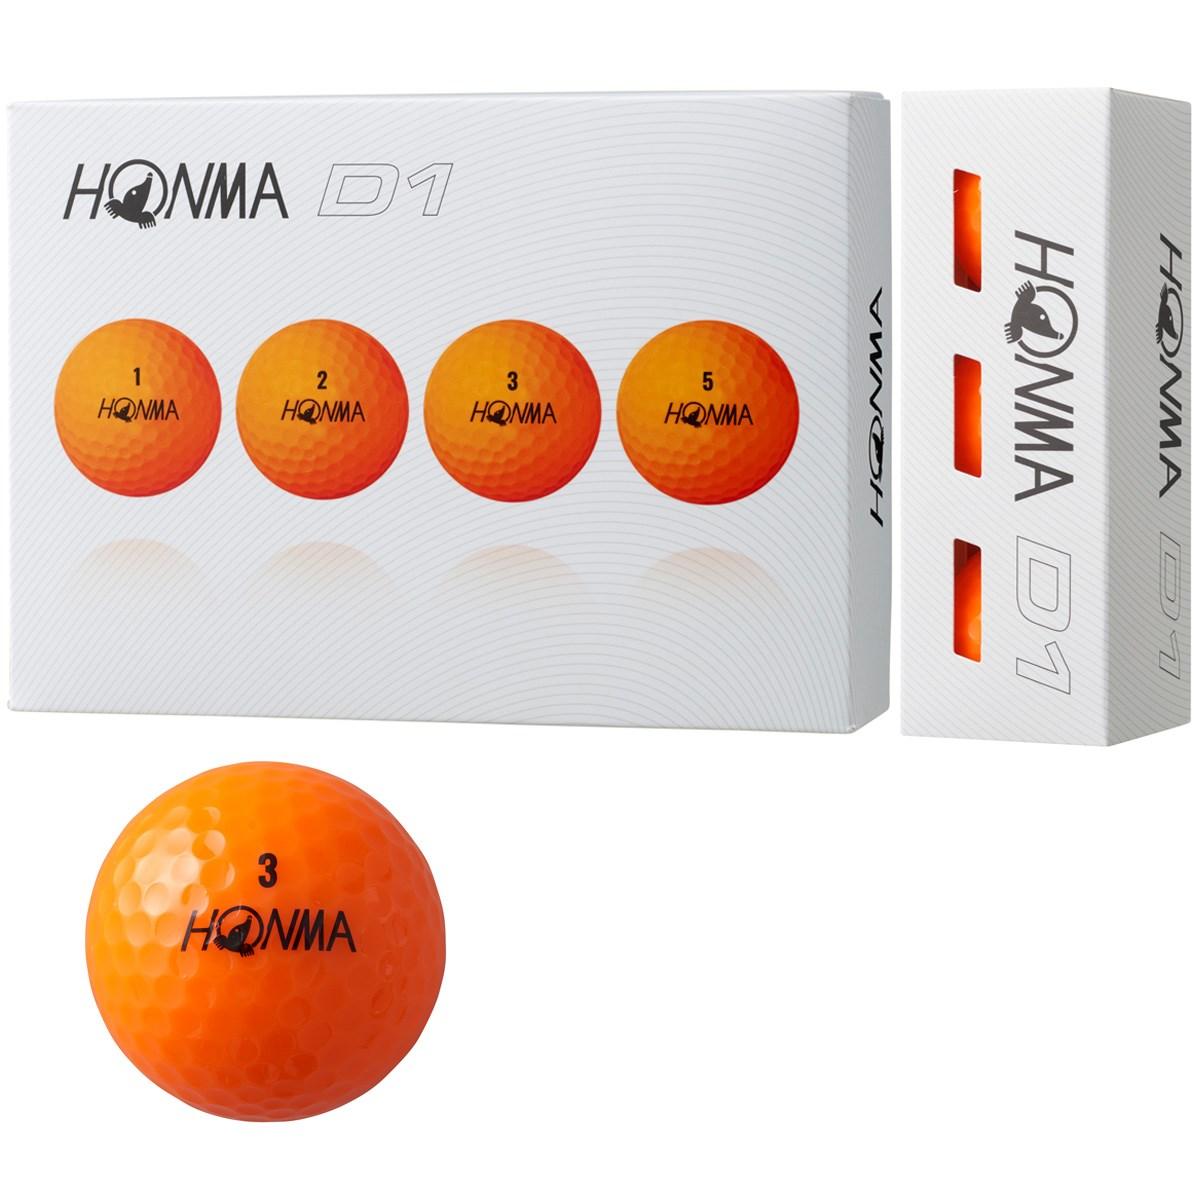 本間ゴルフ HONMA D1 ボール 2018年モデル 3ダースセット 3ダース(36個入り) オレンジ